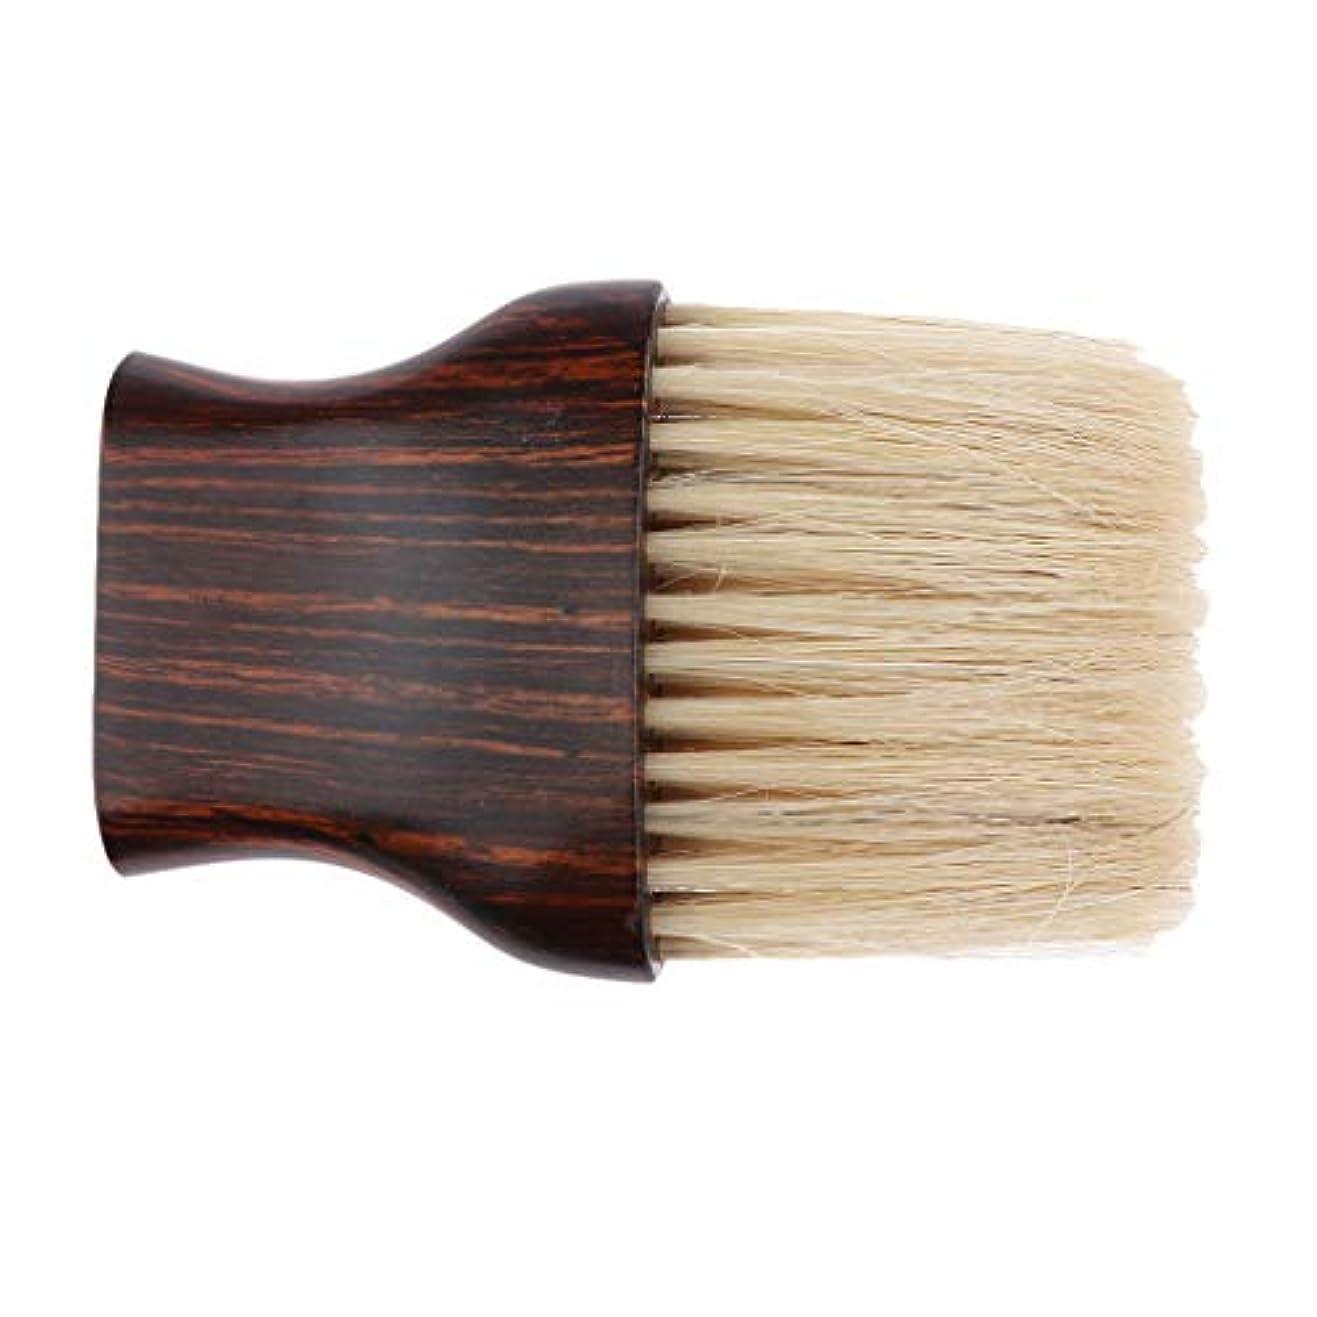 手首誕生ラジウム理髪 ネックダスターブラシ クリーニング ヘアブラシ ヘアスイープブラシ サロンヘアカット ツール